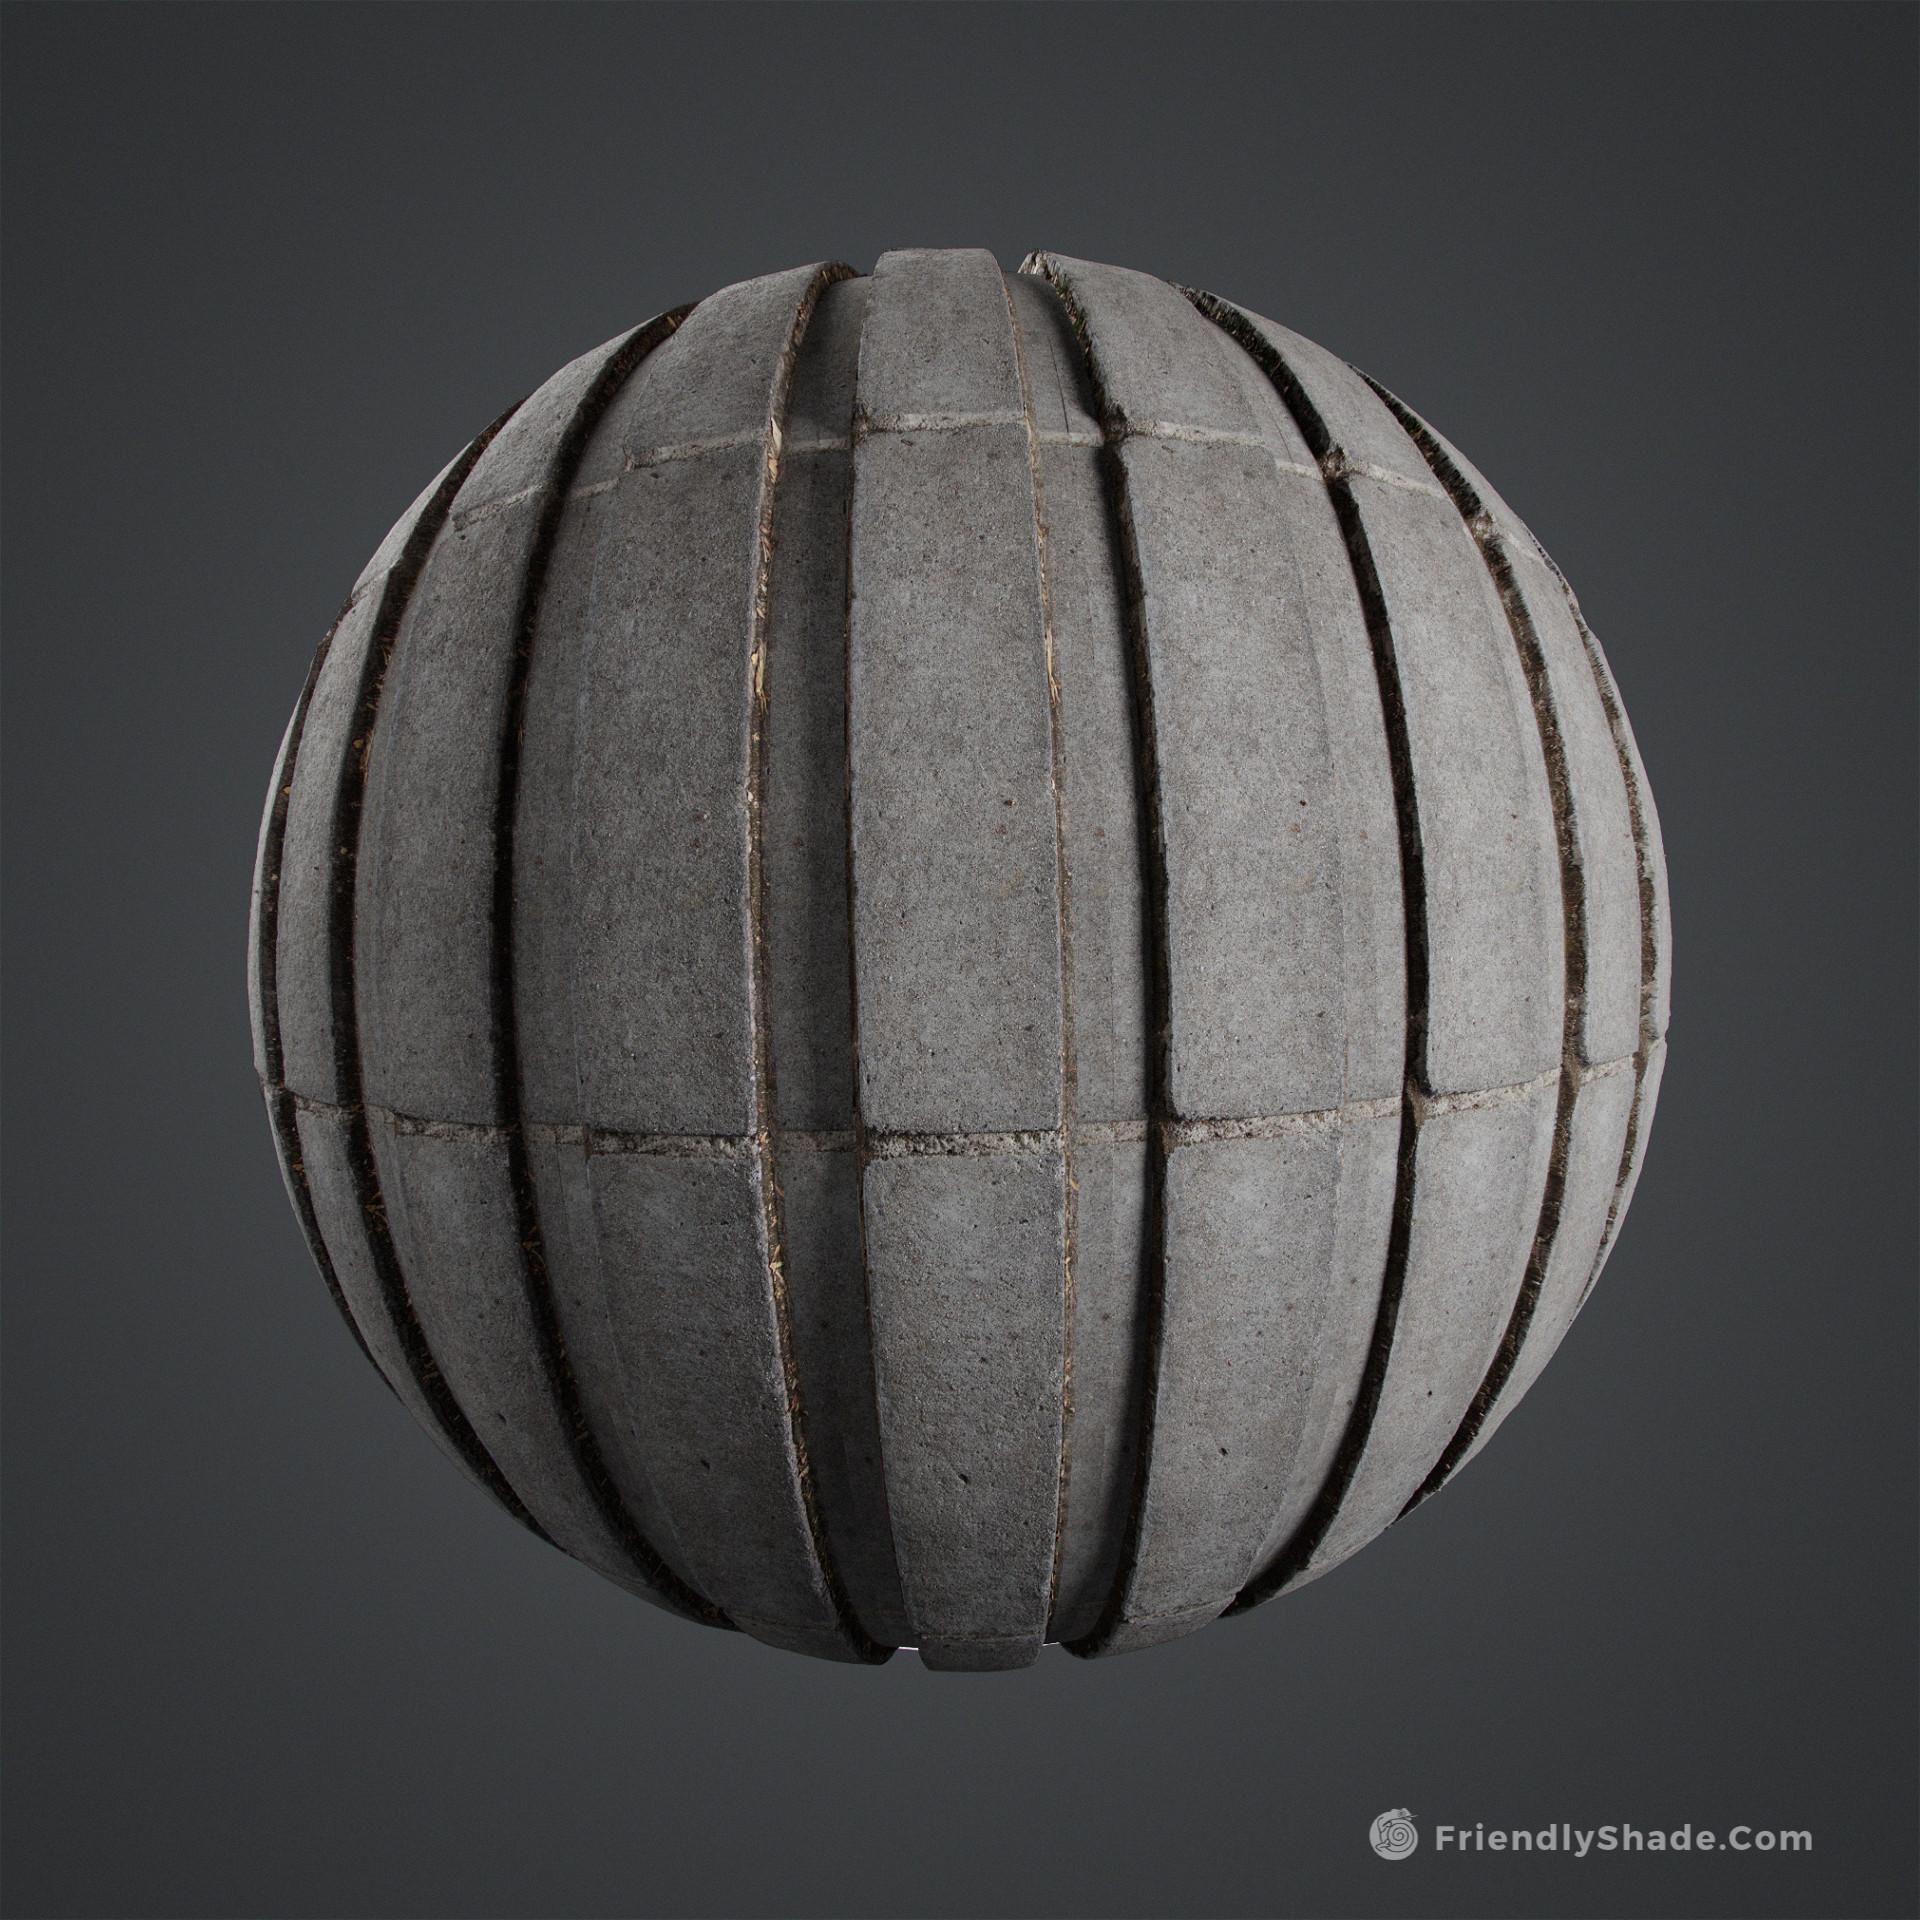 https://cdna.artstation.com/p/assets/images/images/007/403/916/large/sebastian-zapata-sphere-post.jpg?1505911158